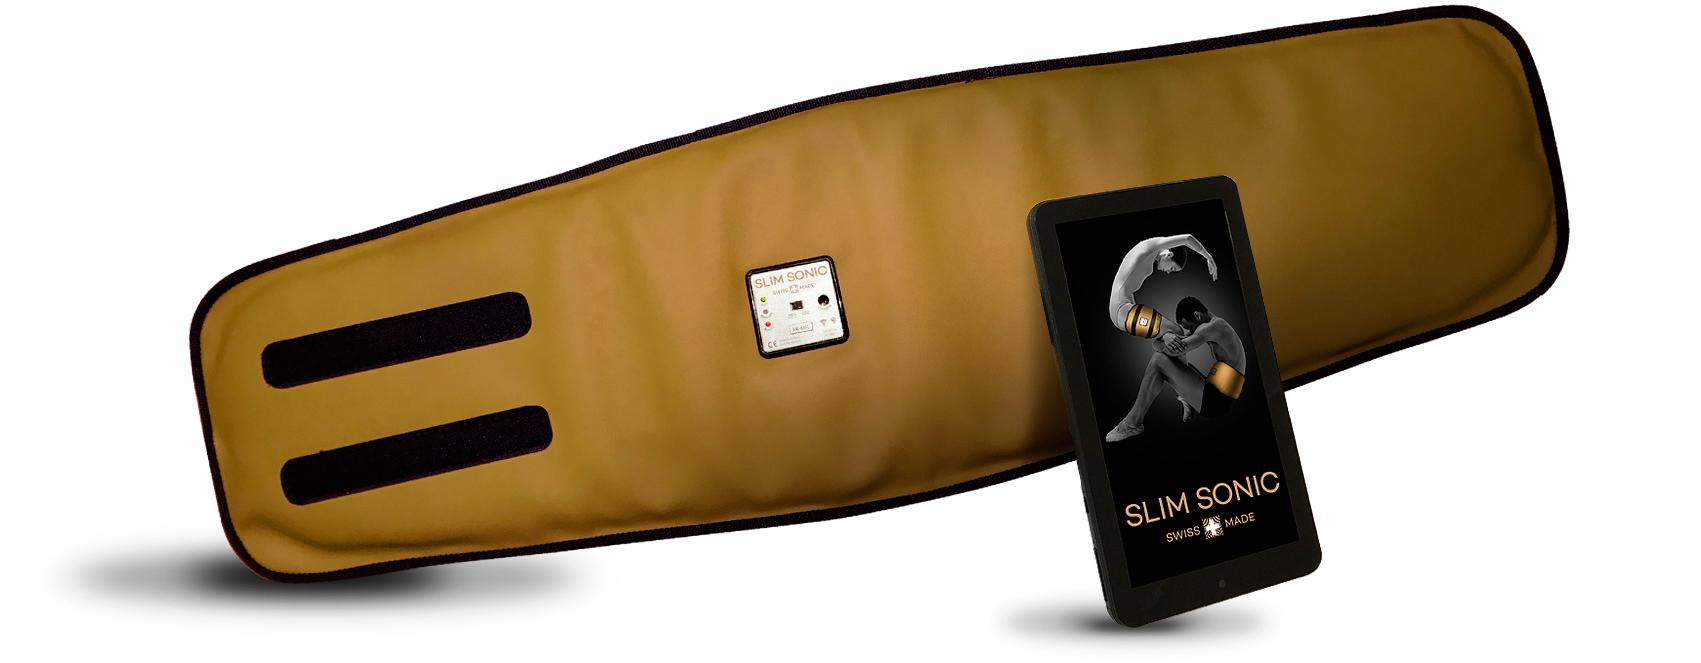 Slim sonic l-1200: cinturón quemagrasas de uso intensivo